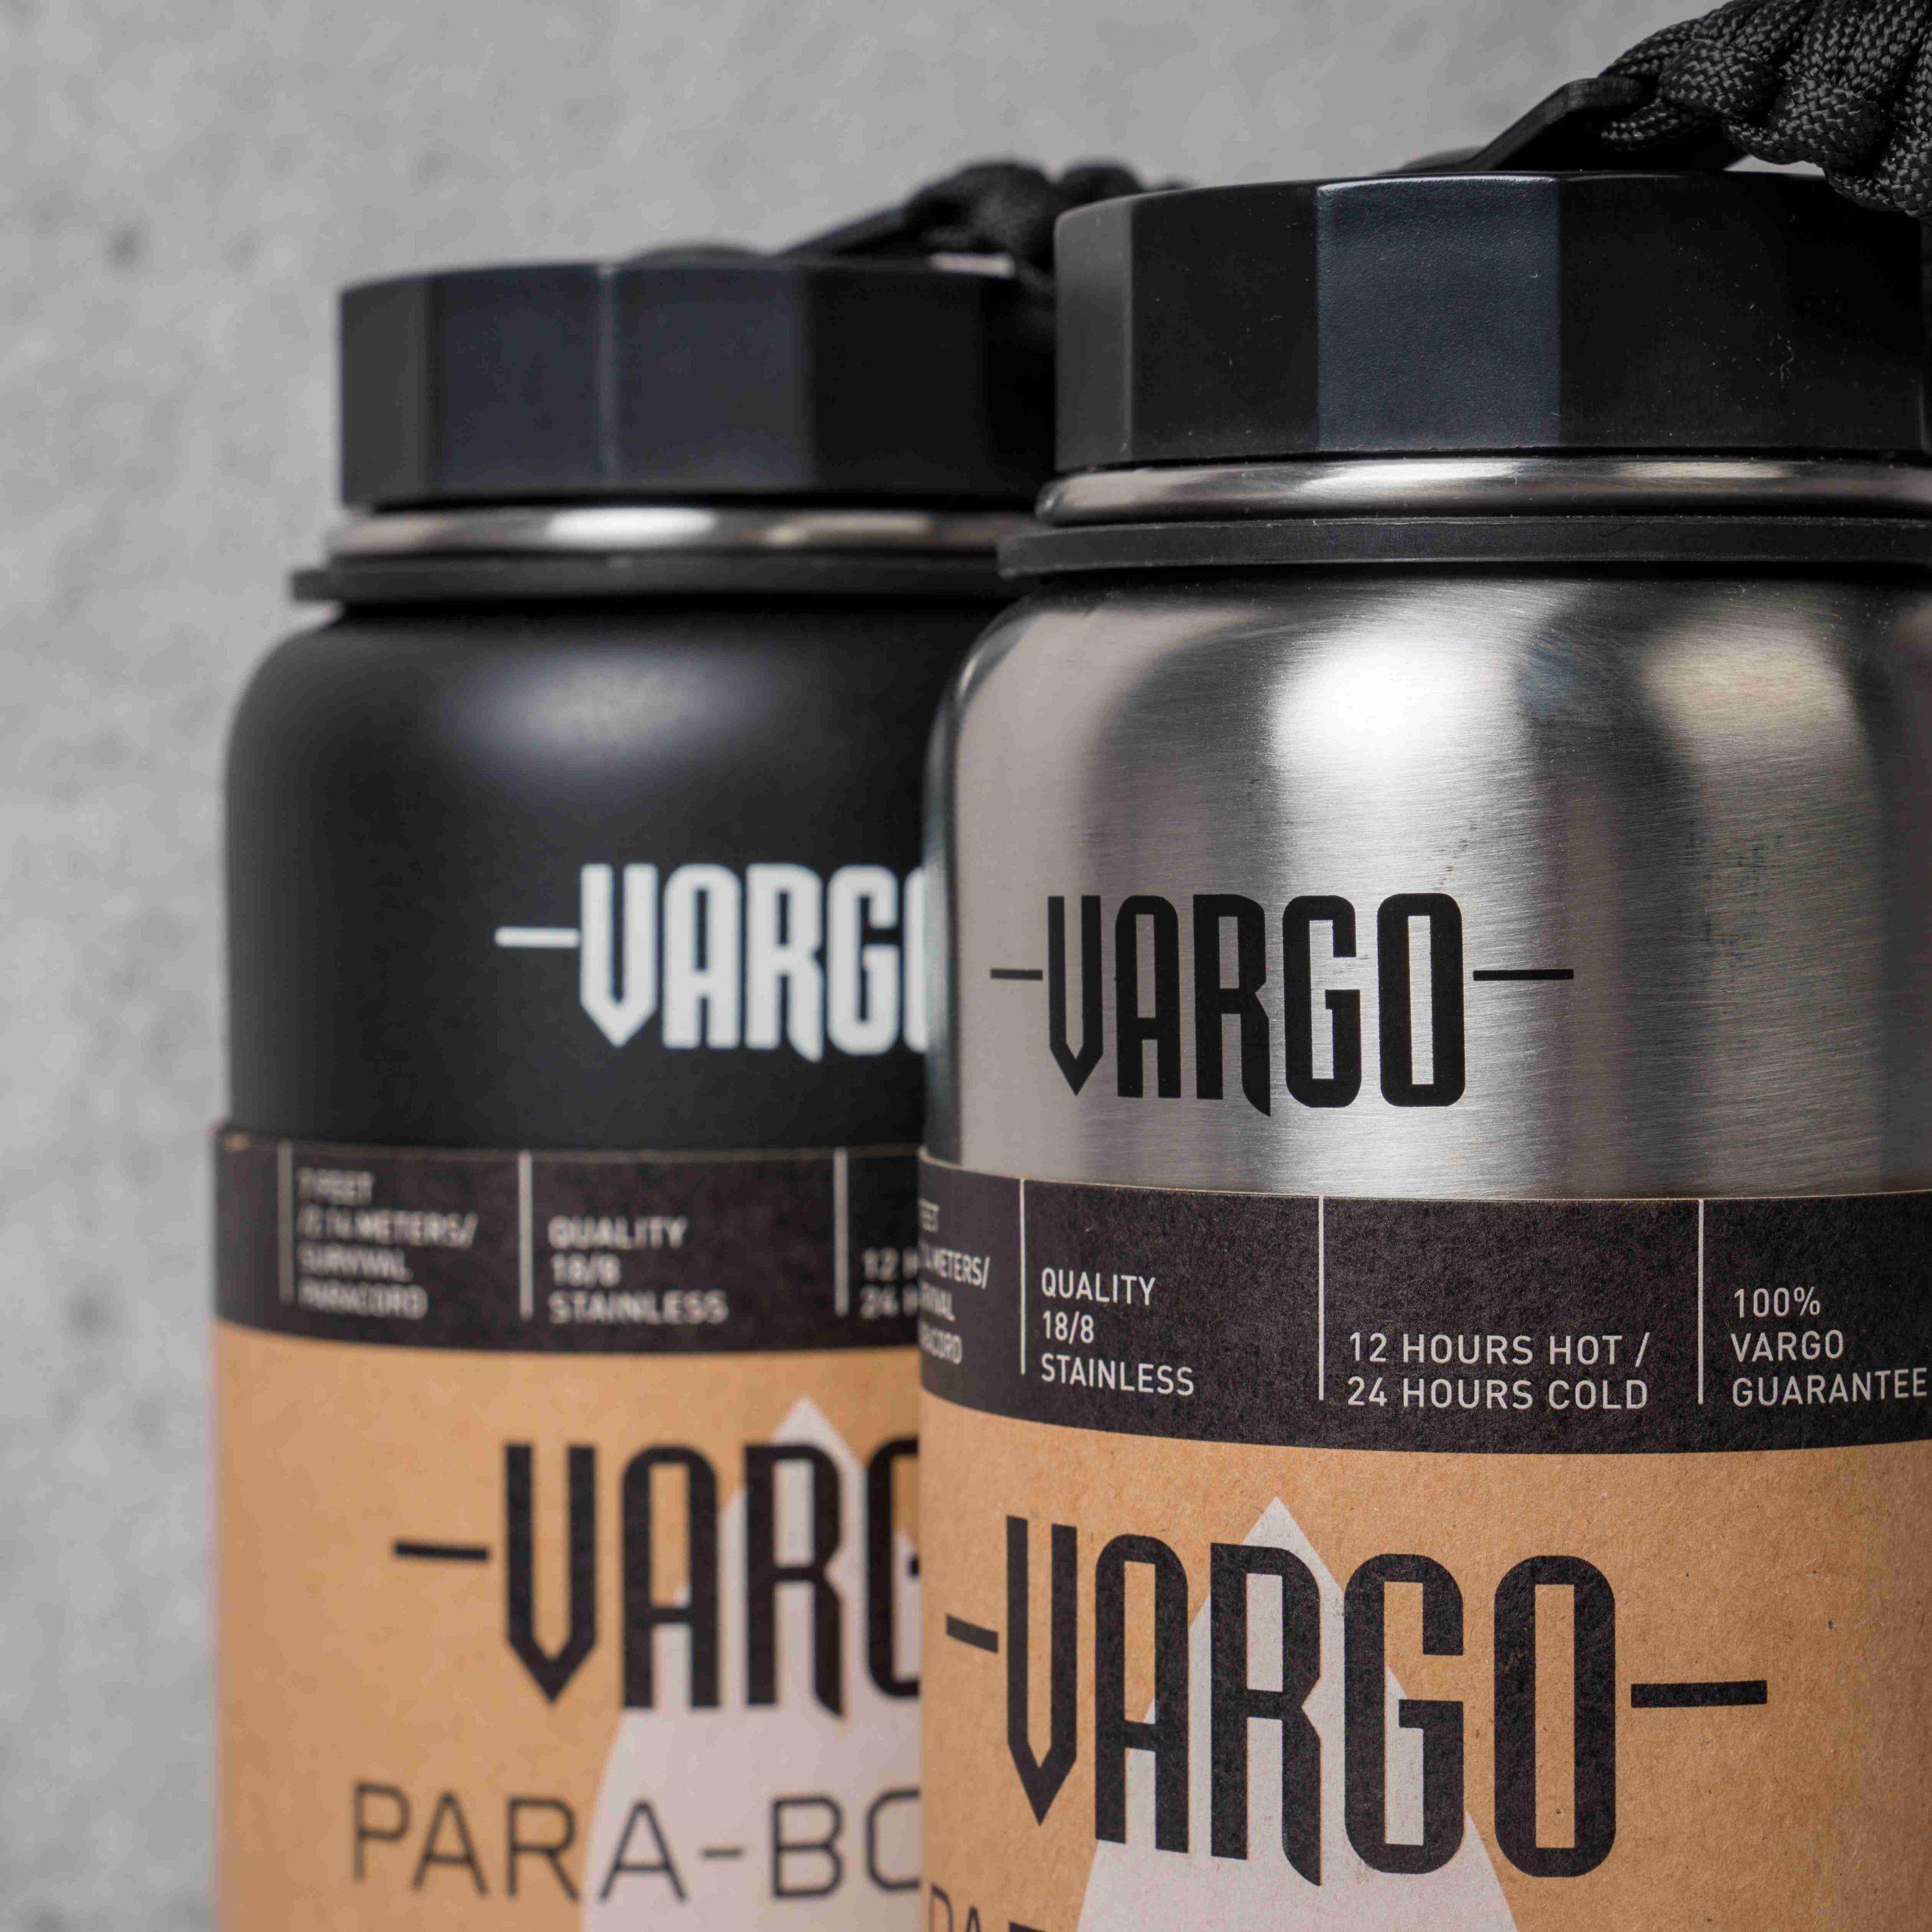 Thương hiệu Vargo của Mỹ, thành lập năm 2001